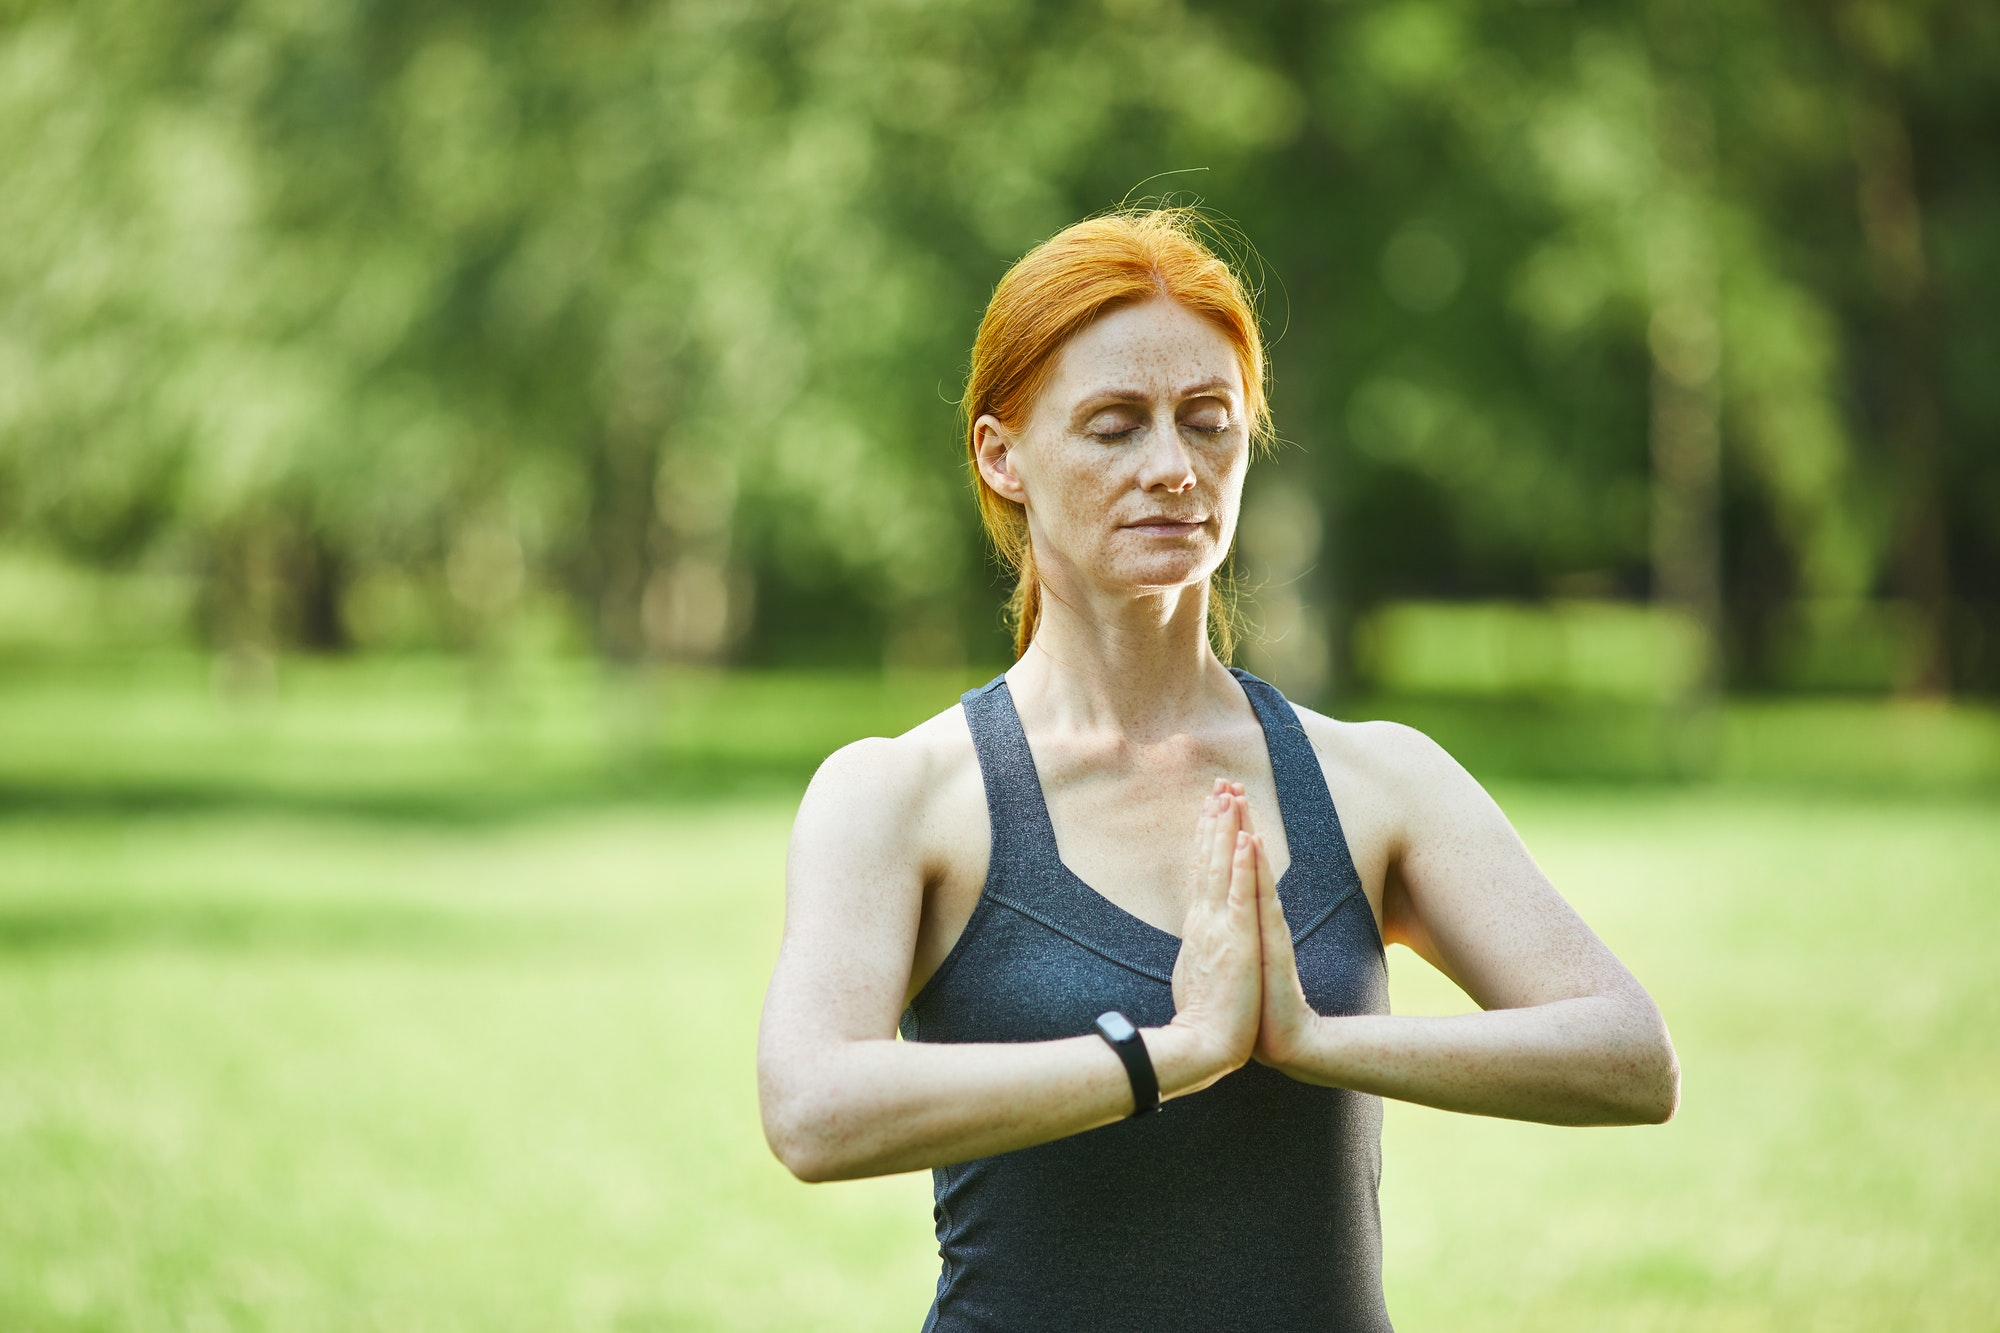 Focused on meditation